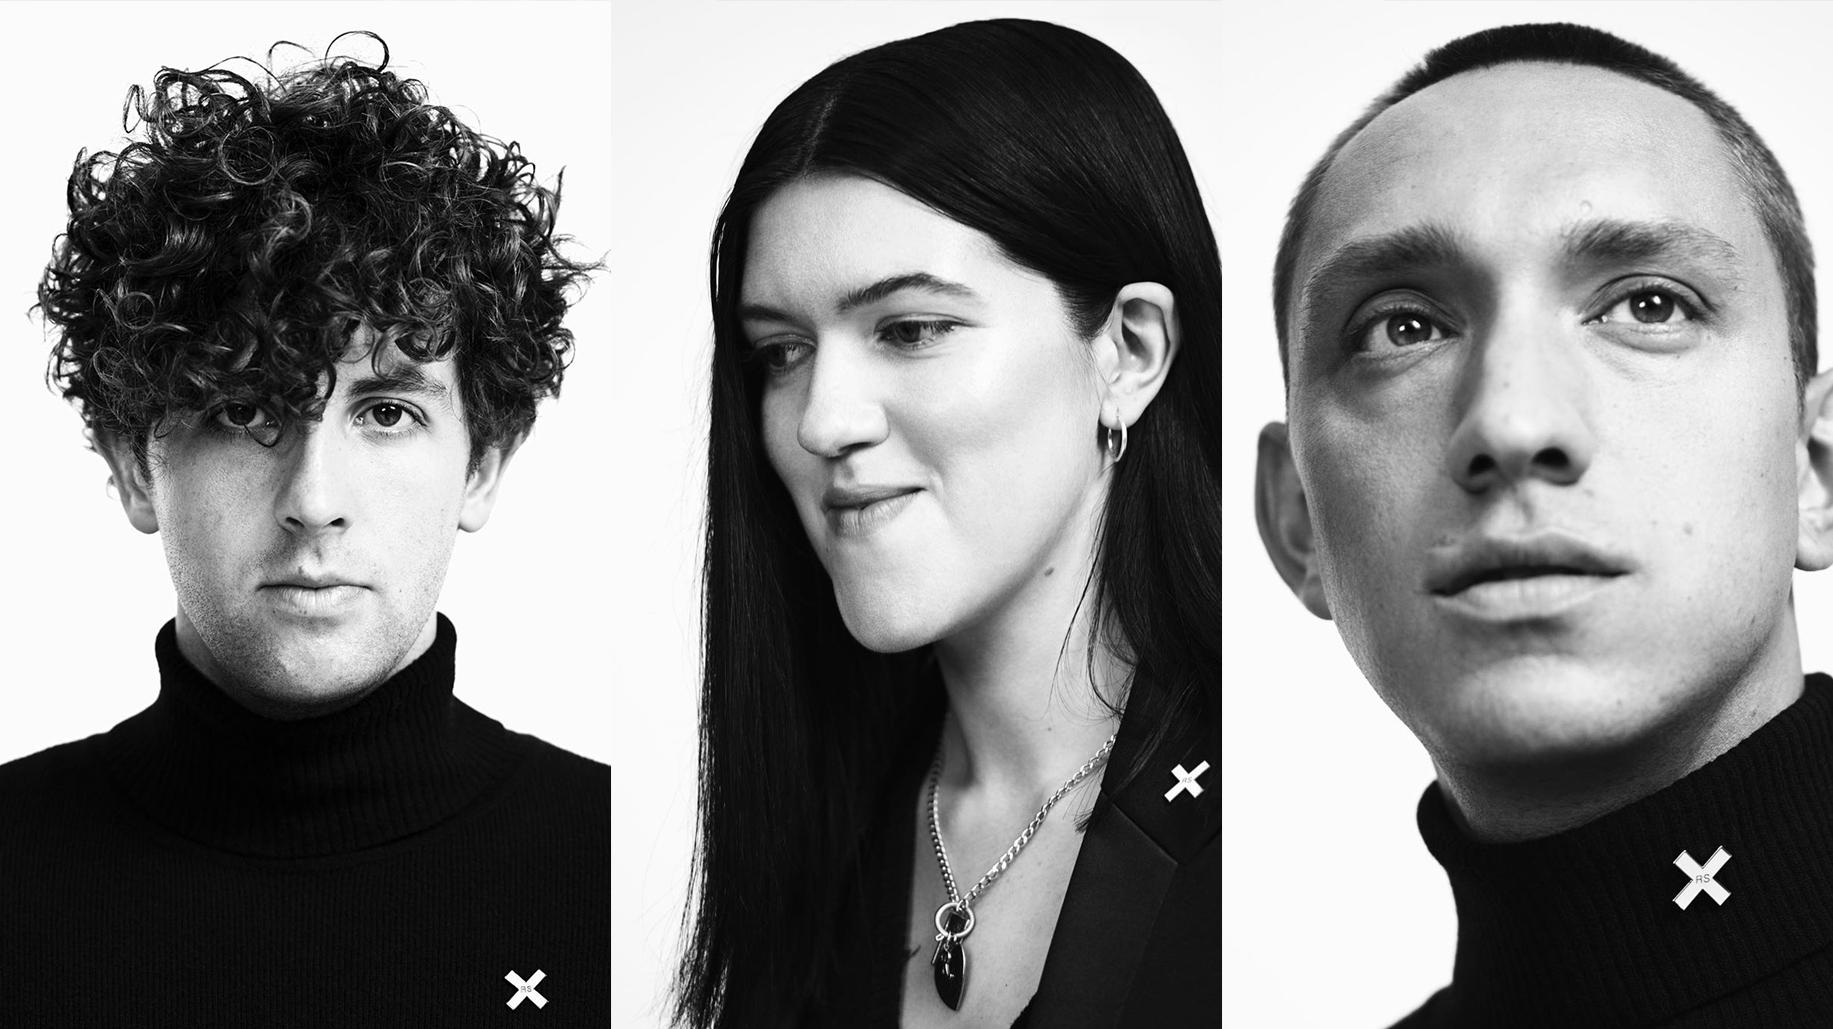 Raf Simons 即将与伦敦乐队 The xx 推出合作系列